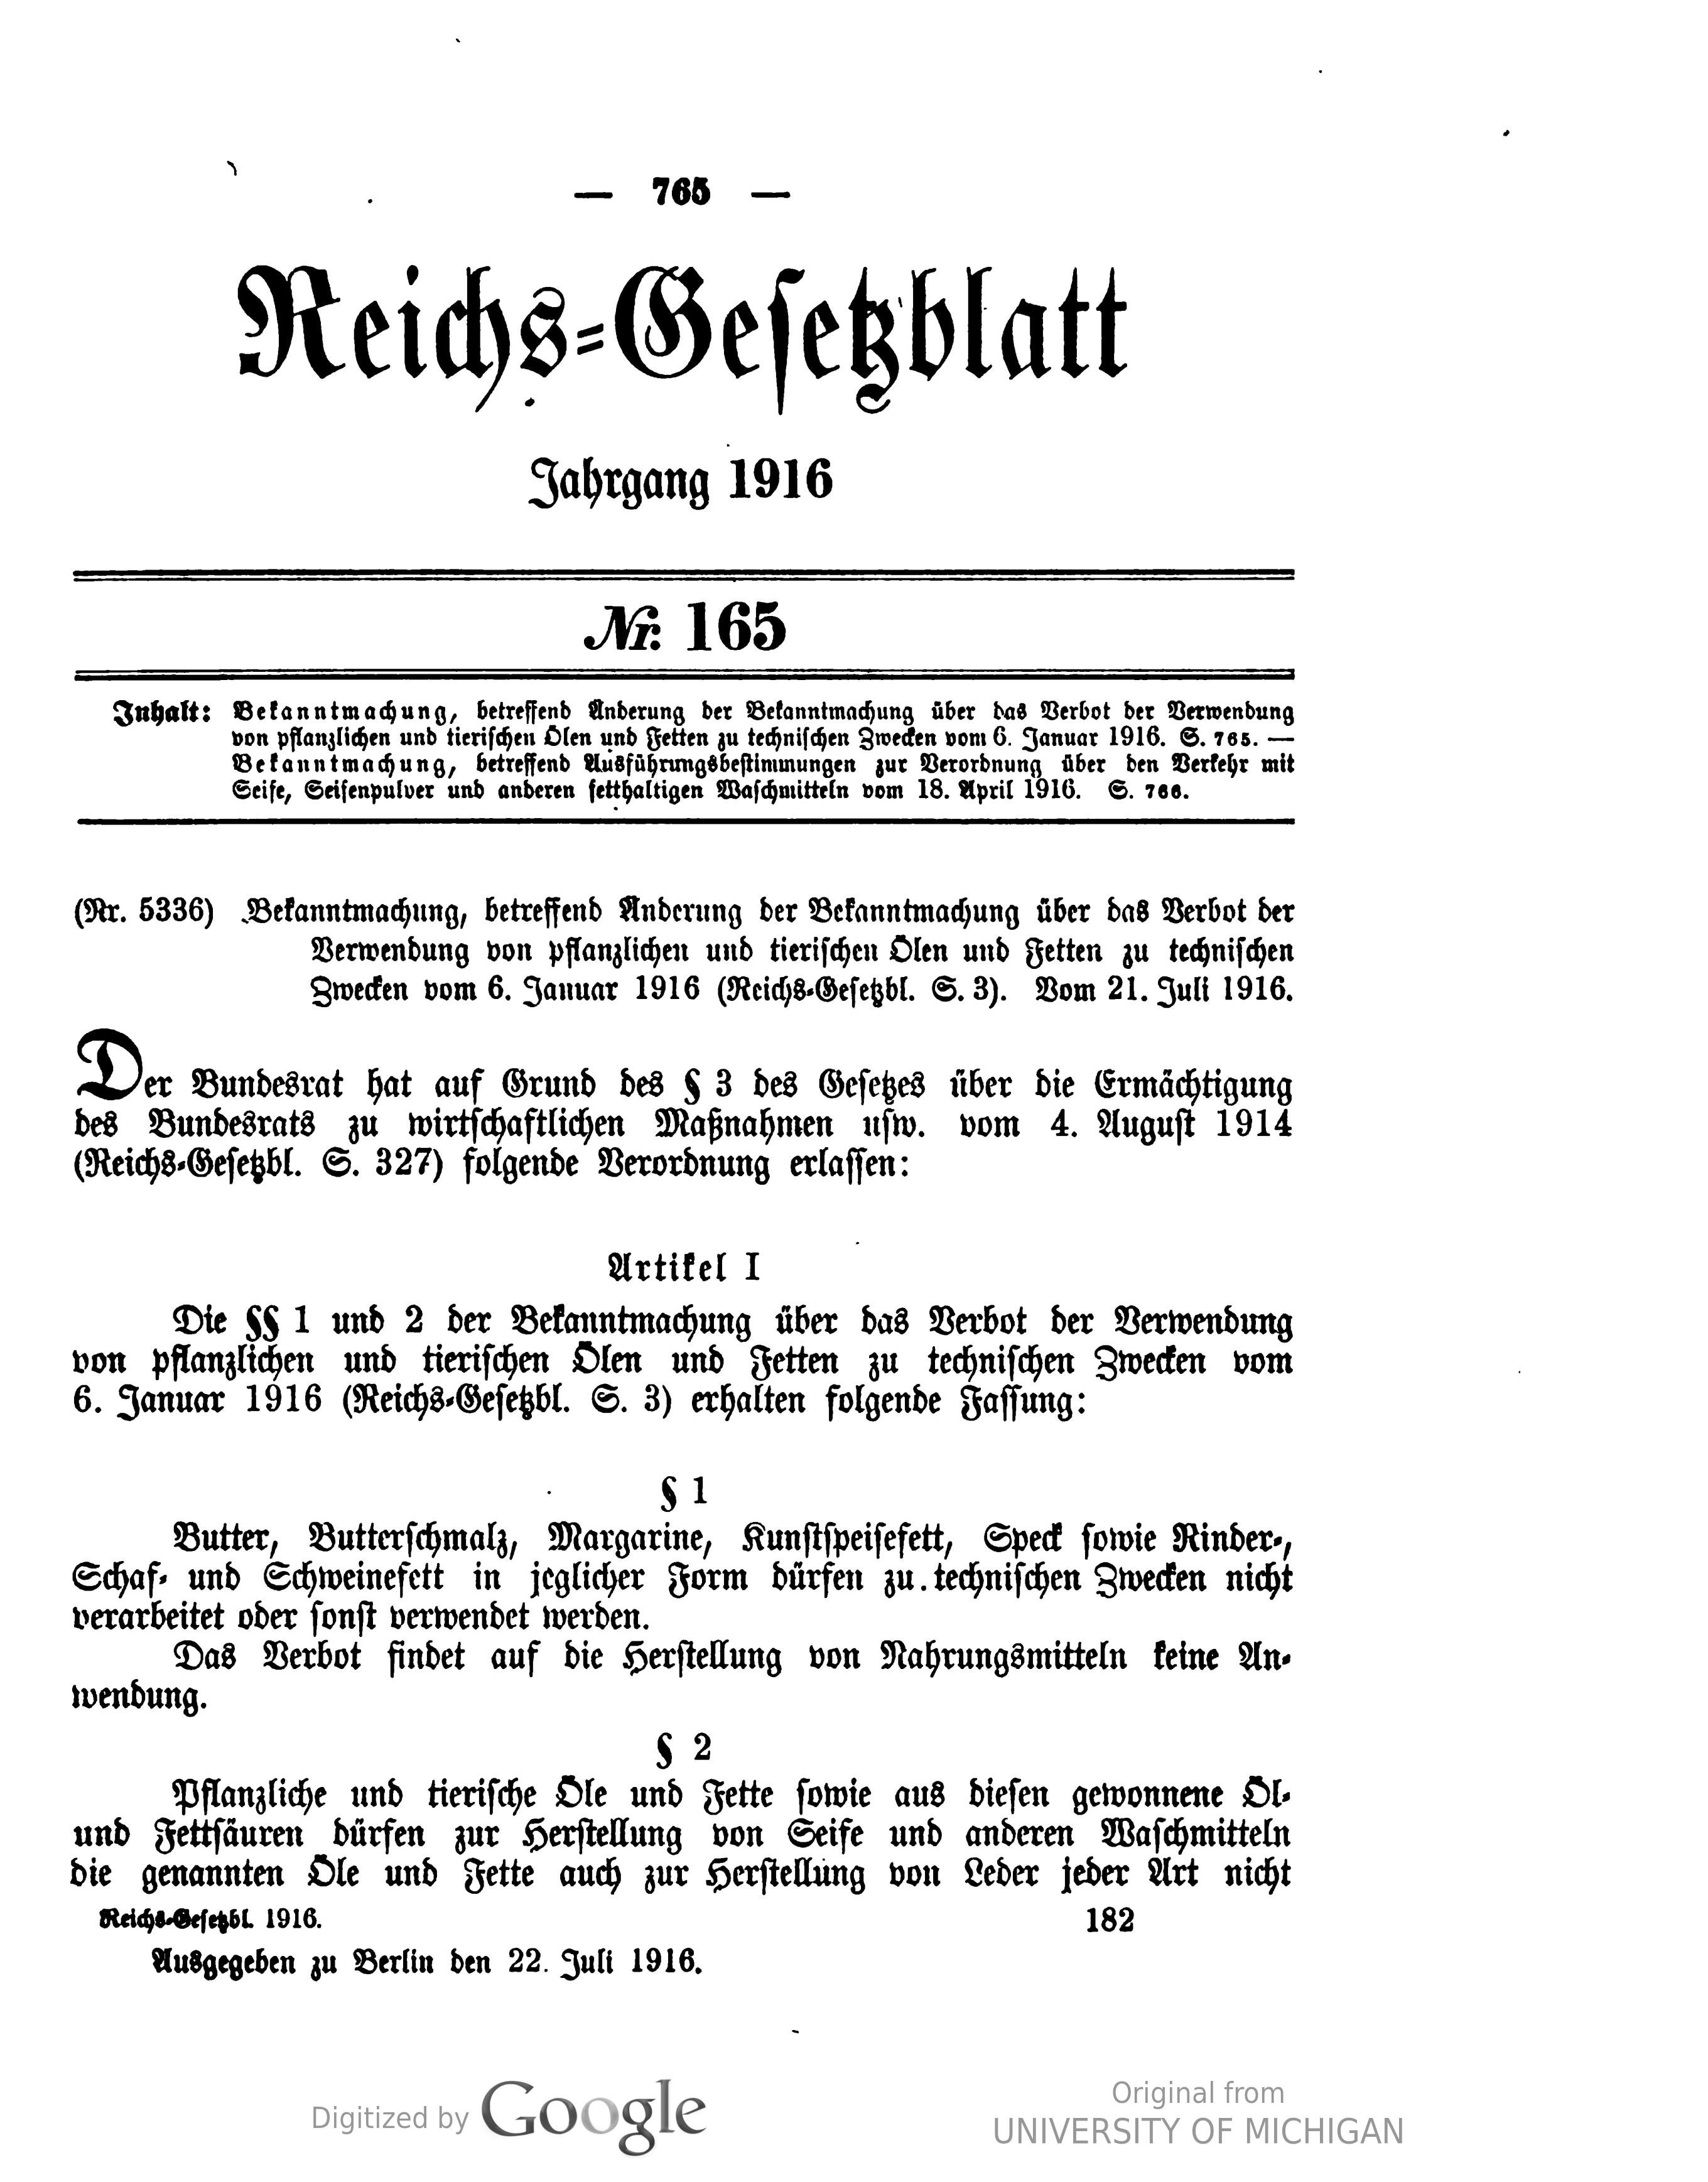 File:Deutsches Reichsgesetzblatt 1916 165 0765.png - Wikimedia Commons